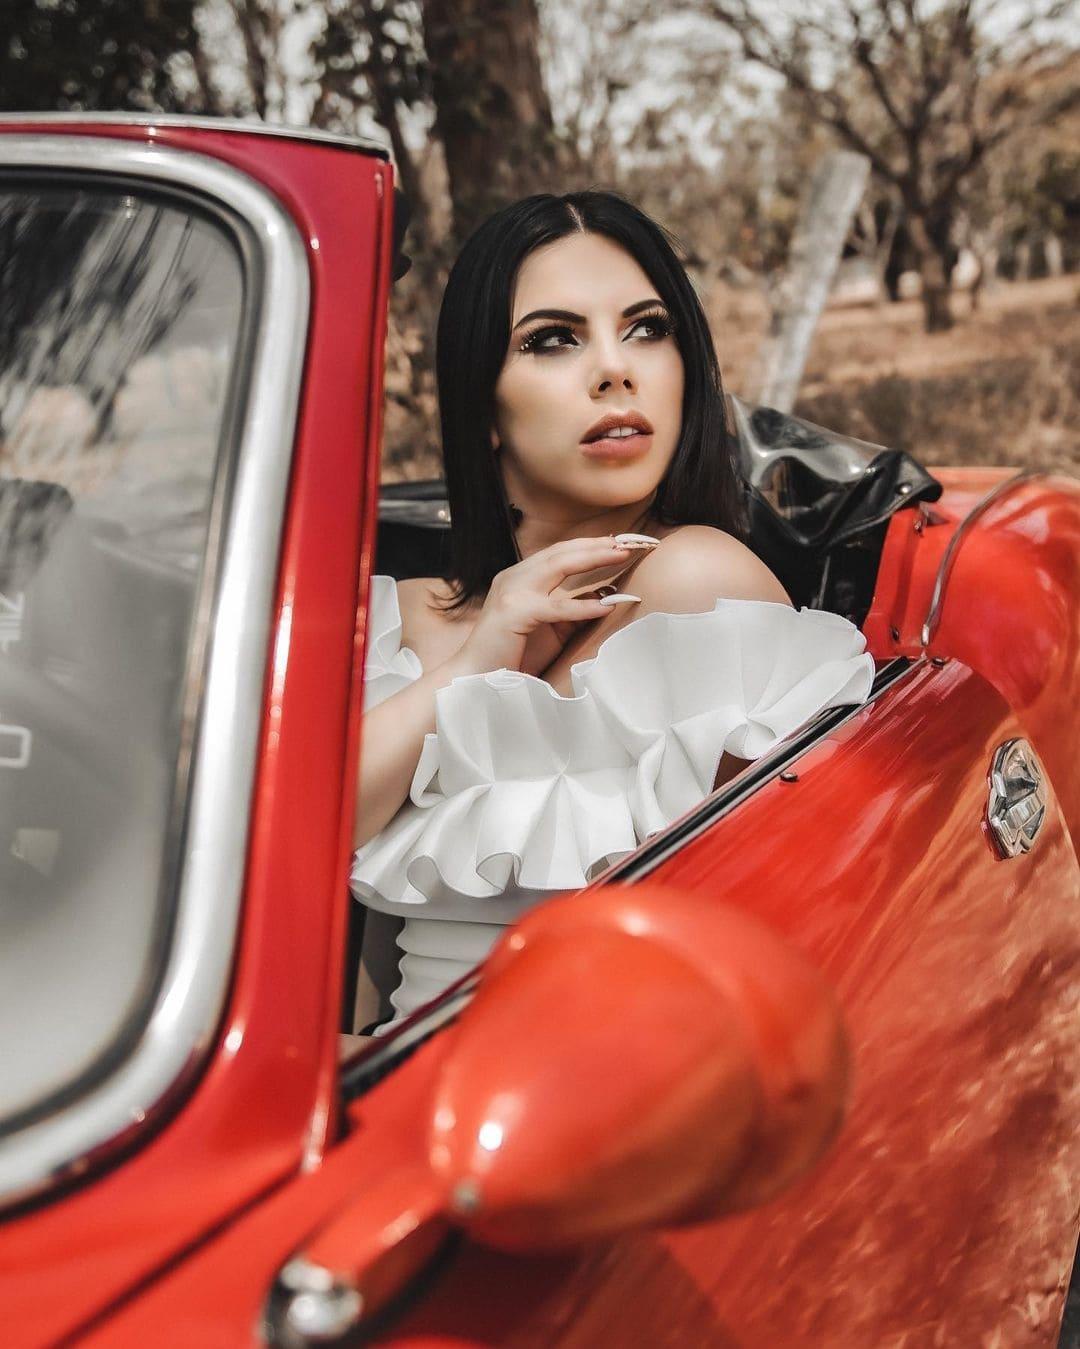 Foto de Lizbeth Rodríguez en auto